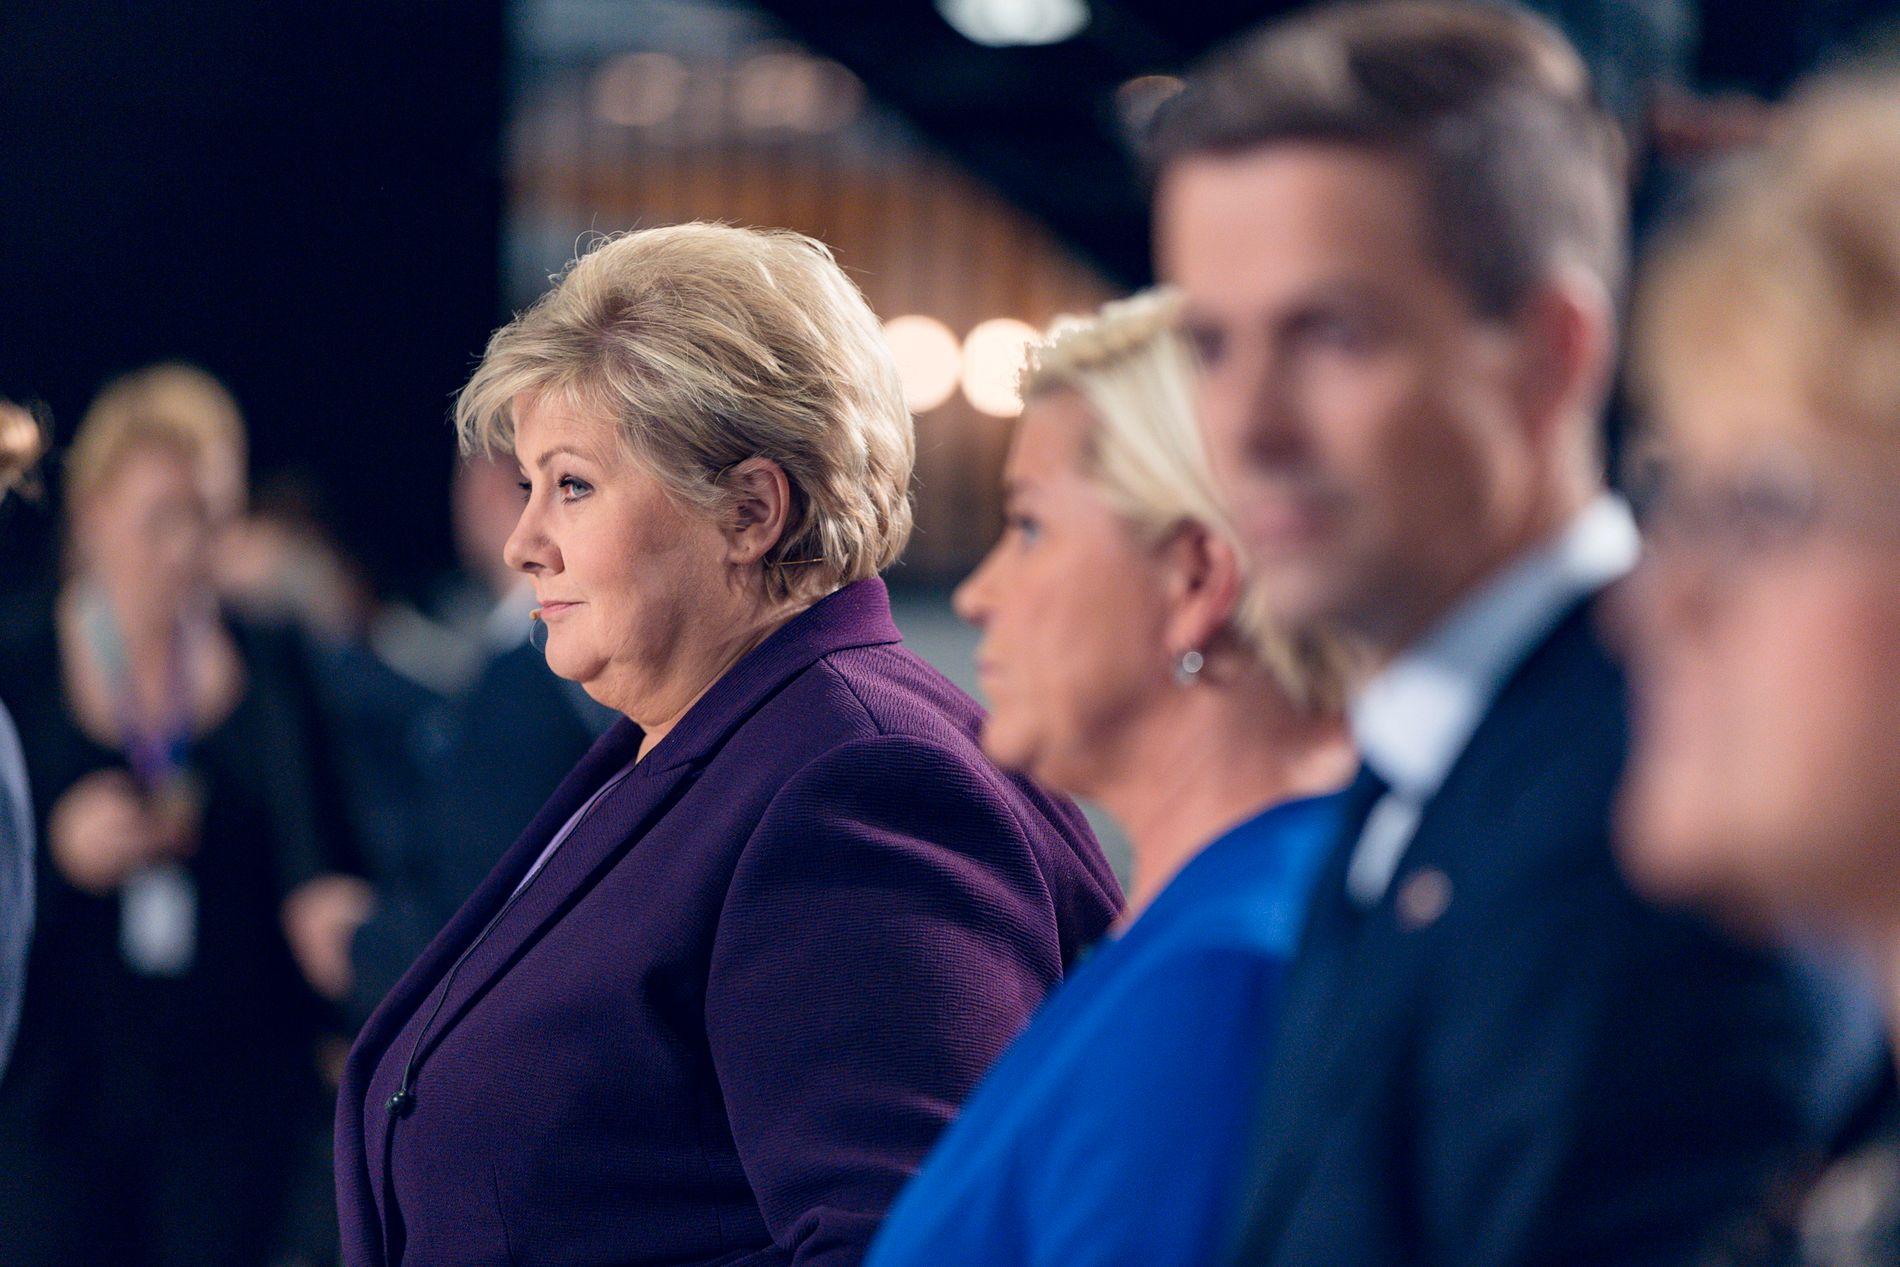 SIDE OM SIDE: NRK plasserte de borgerlige partilederne ved siden av hverandre. Fra venstre Erna Solberg (H), Siv Jensen (Frp), Knut Arild Hareide (KrF) og Trine Skei Grande (V).